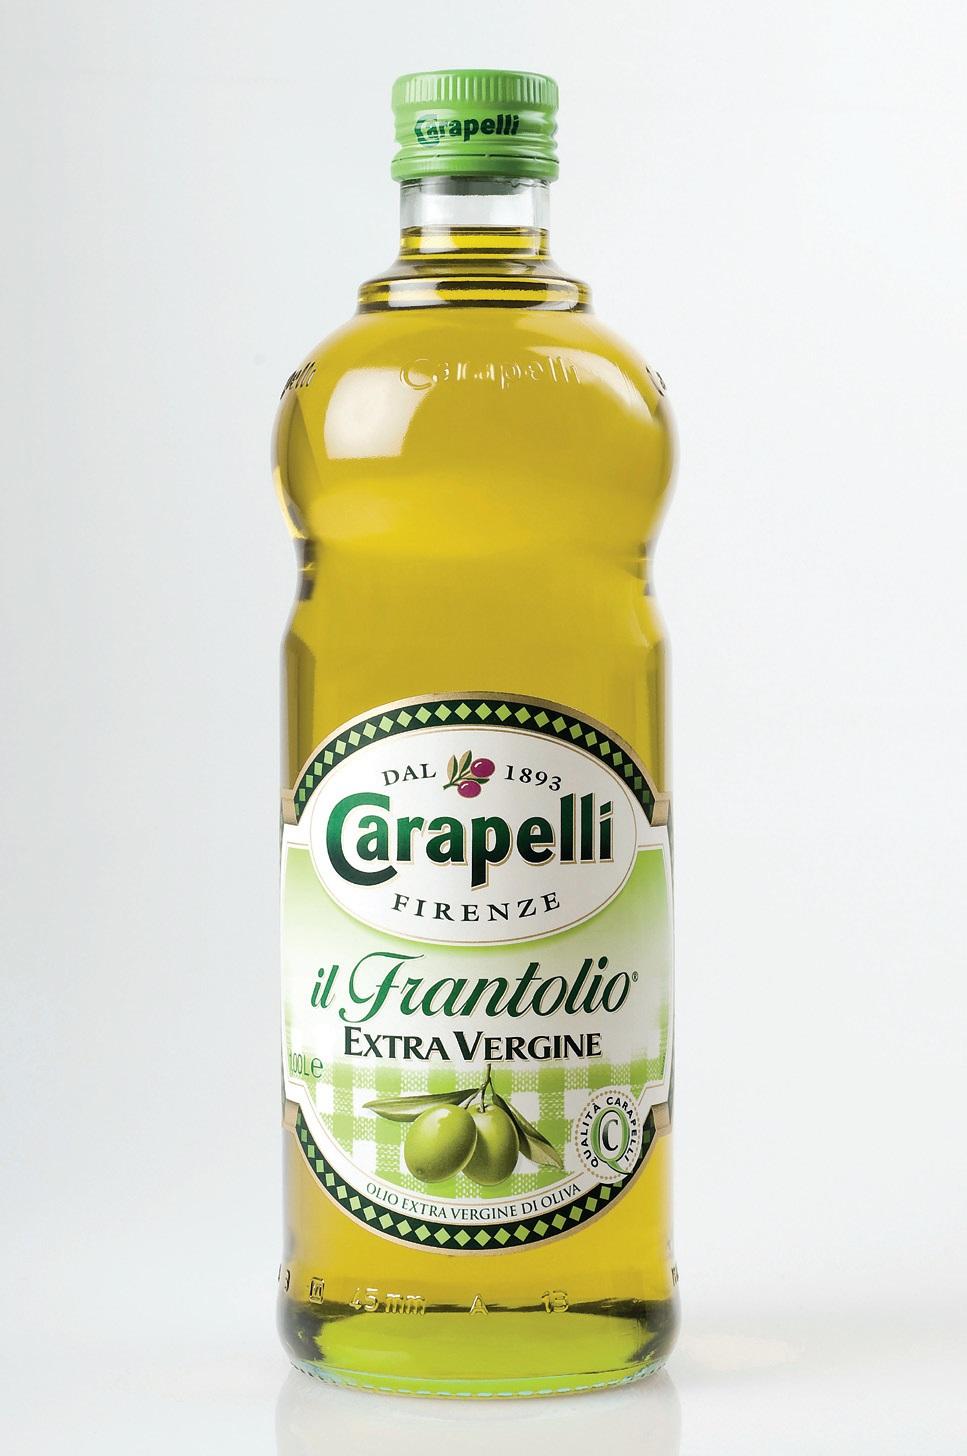 Olio extravergine di oliva Il Frantolio Carapelli